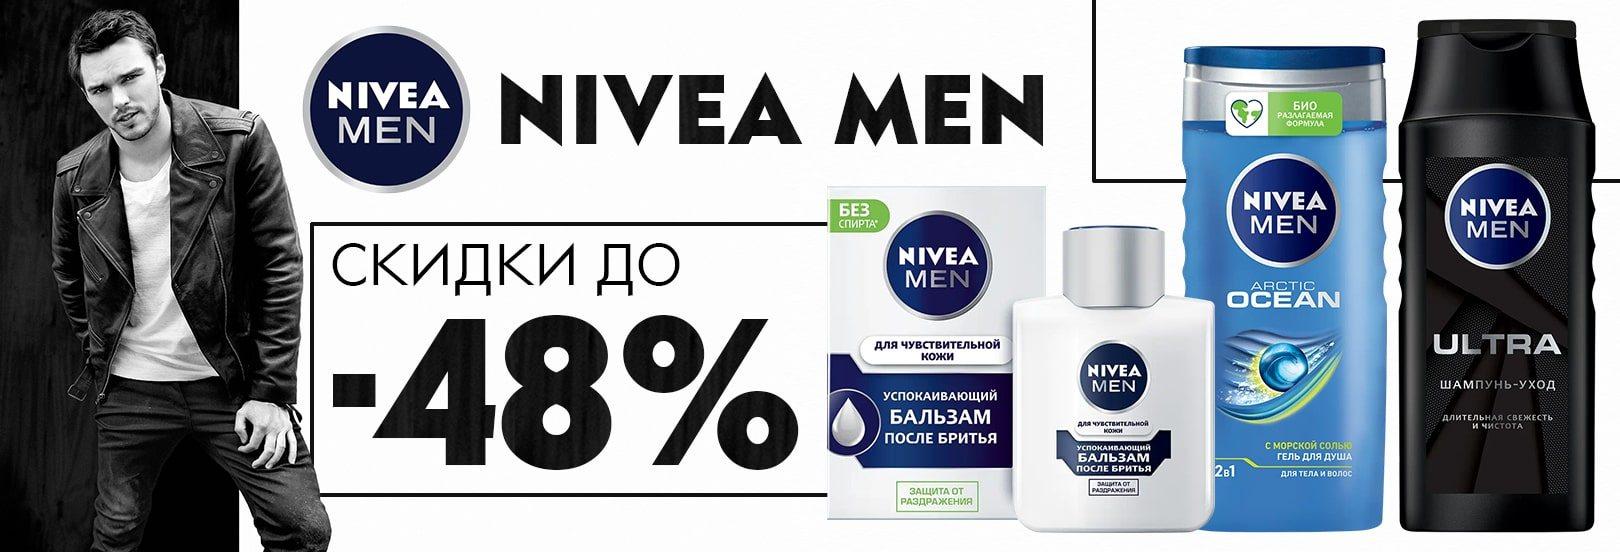 #для мужчин